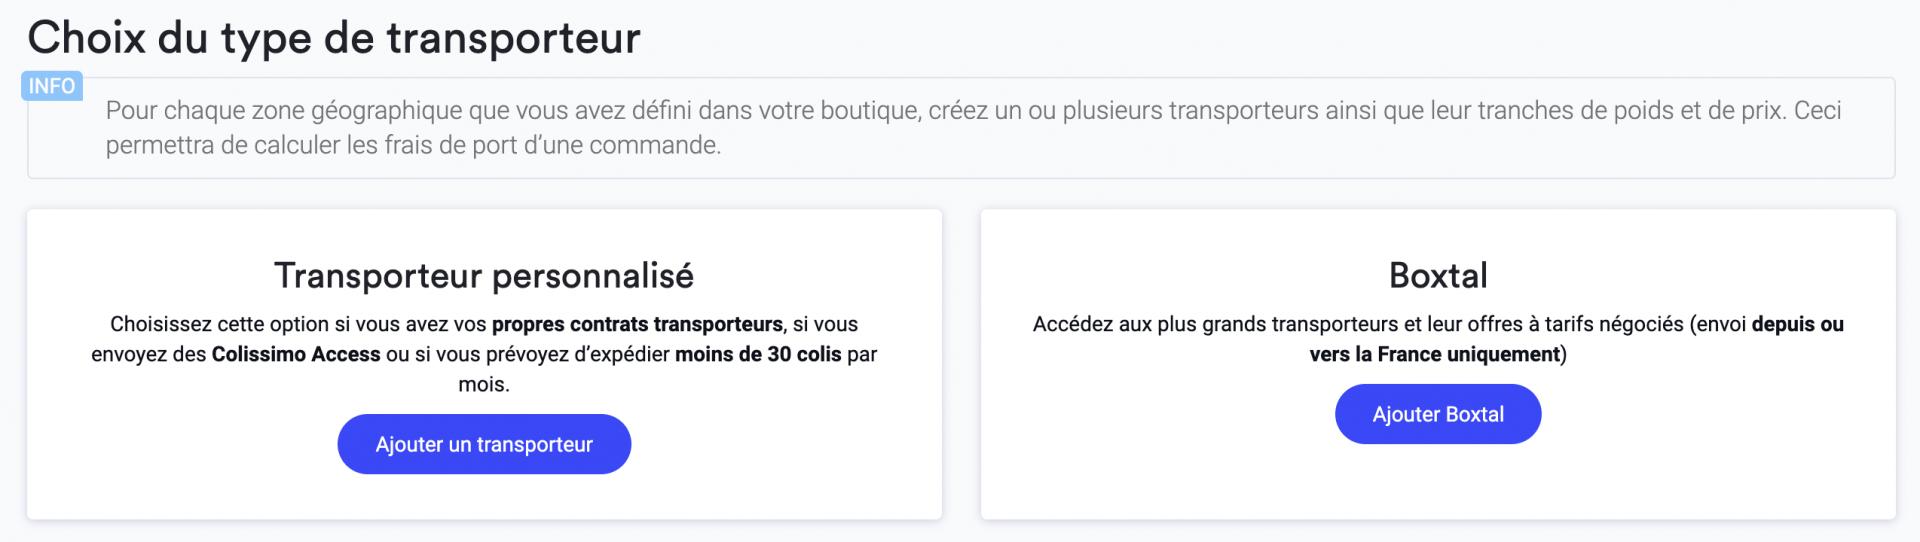 Choix transporteur 2